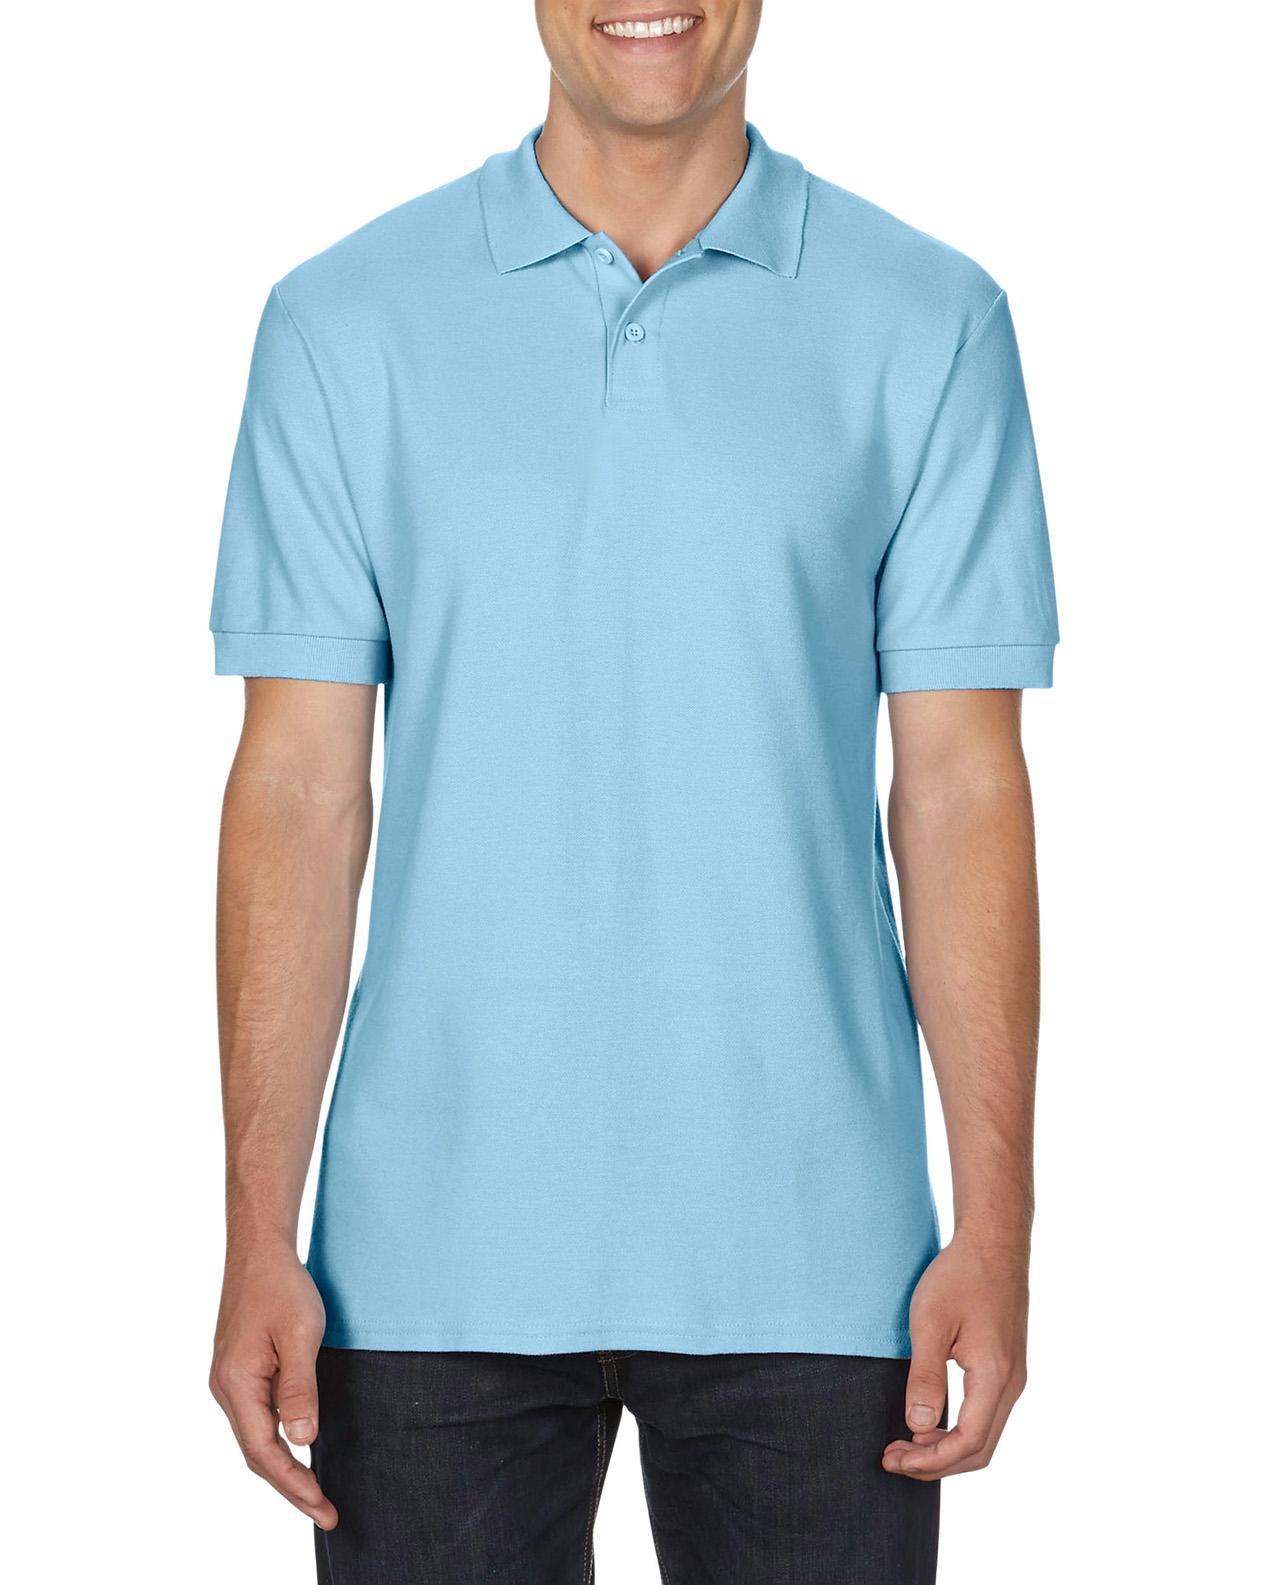 100 cotton Gildan polo shirt lightblue